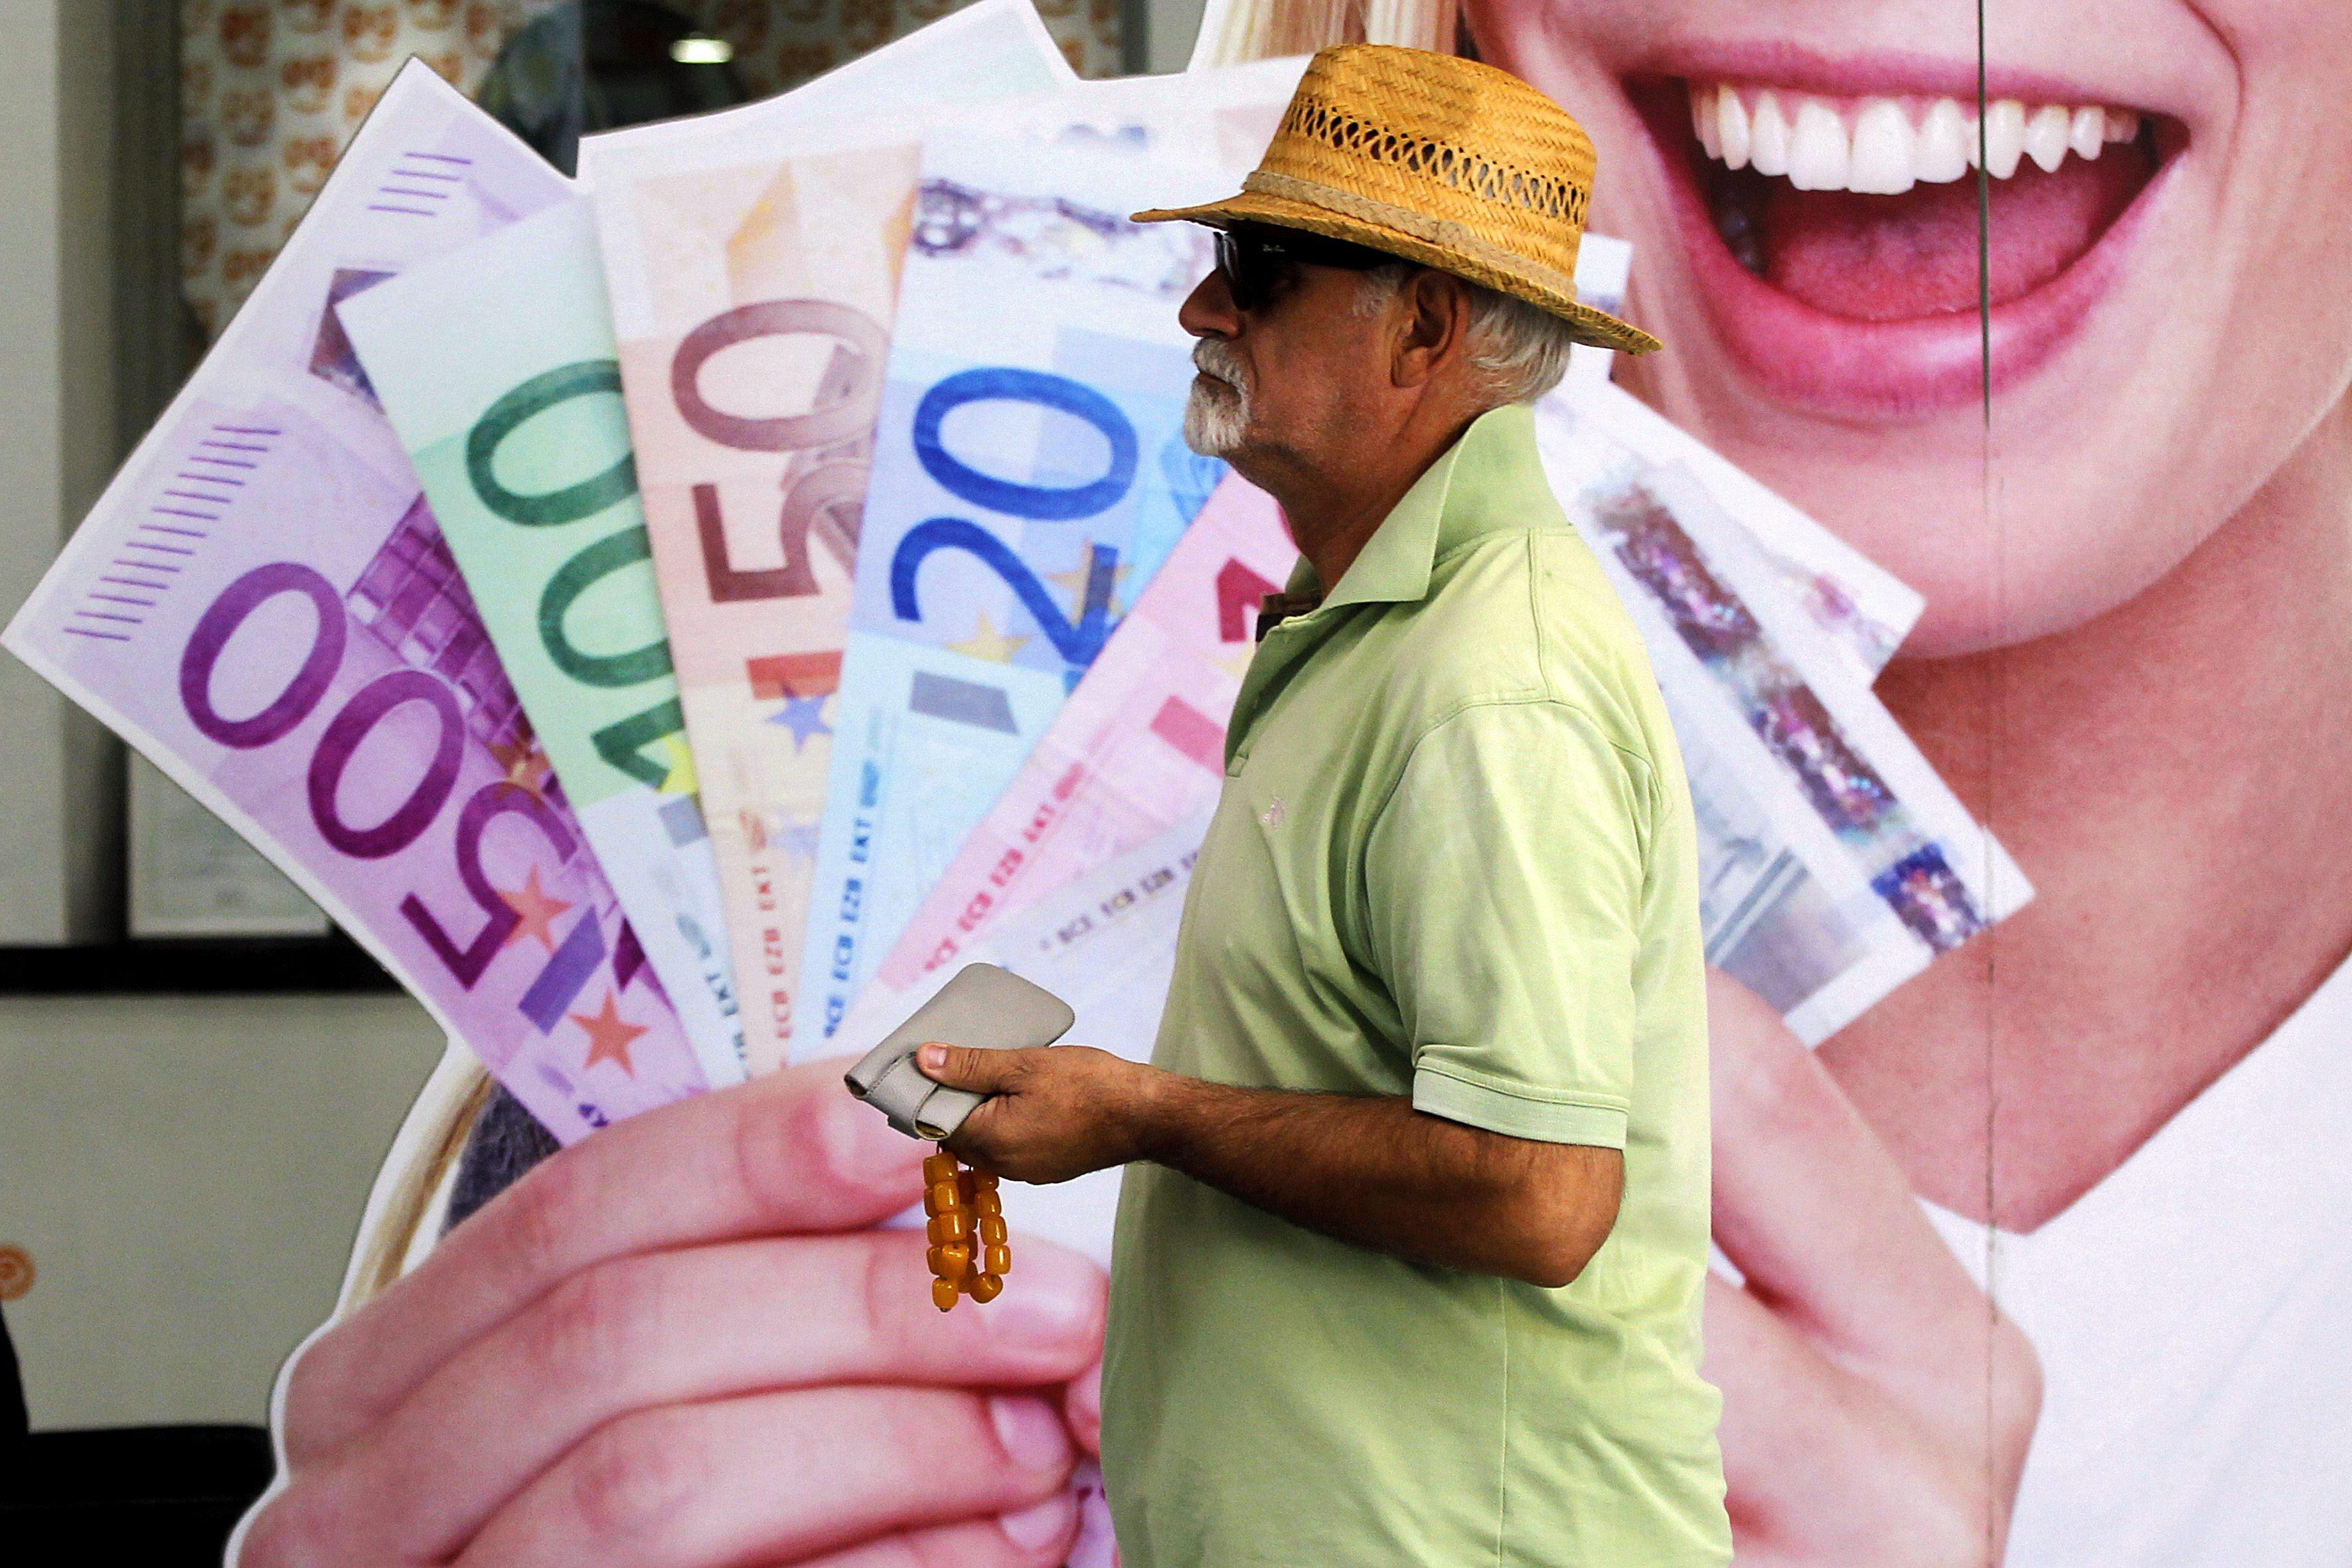 Grecia coloca 3.000 millones de euros en bonos a 5 años